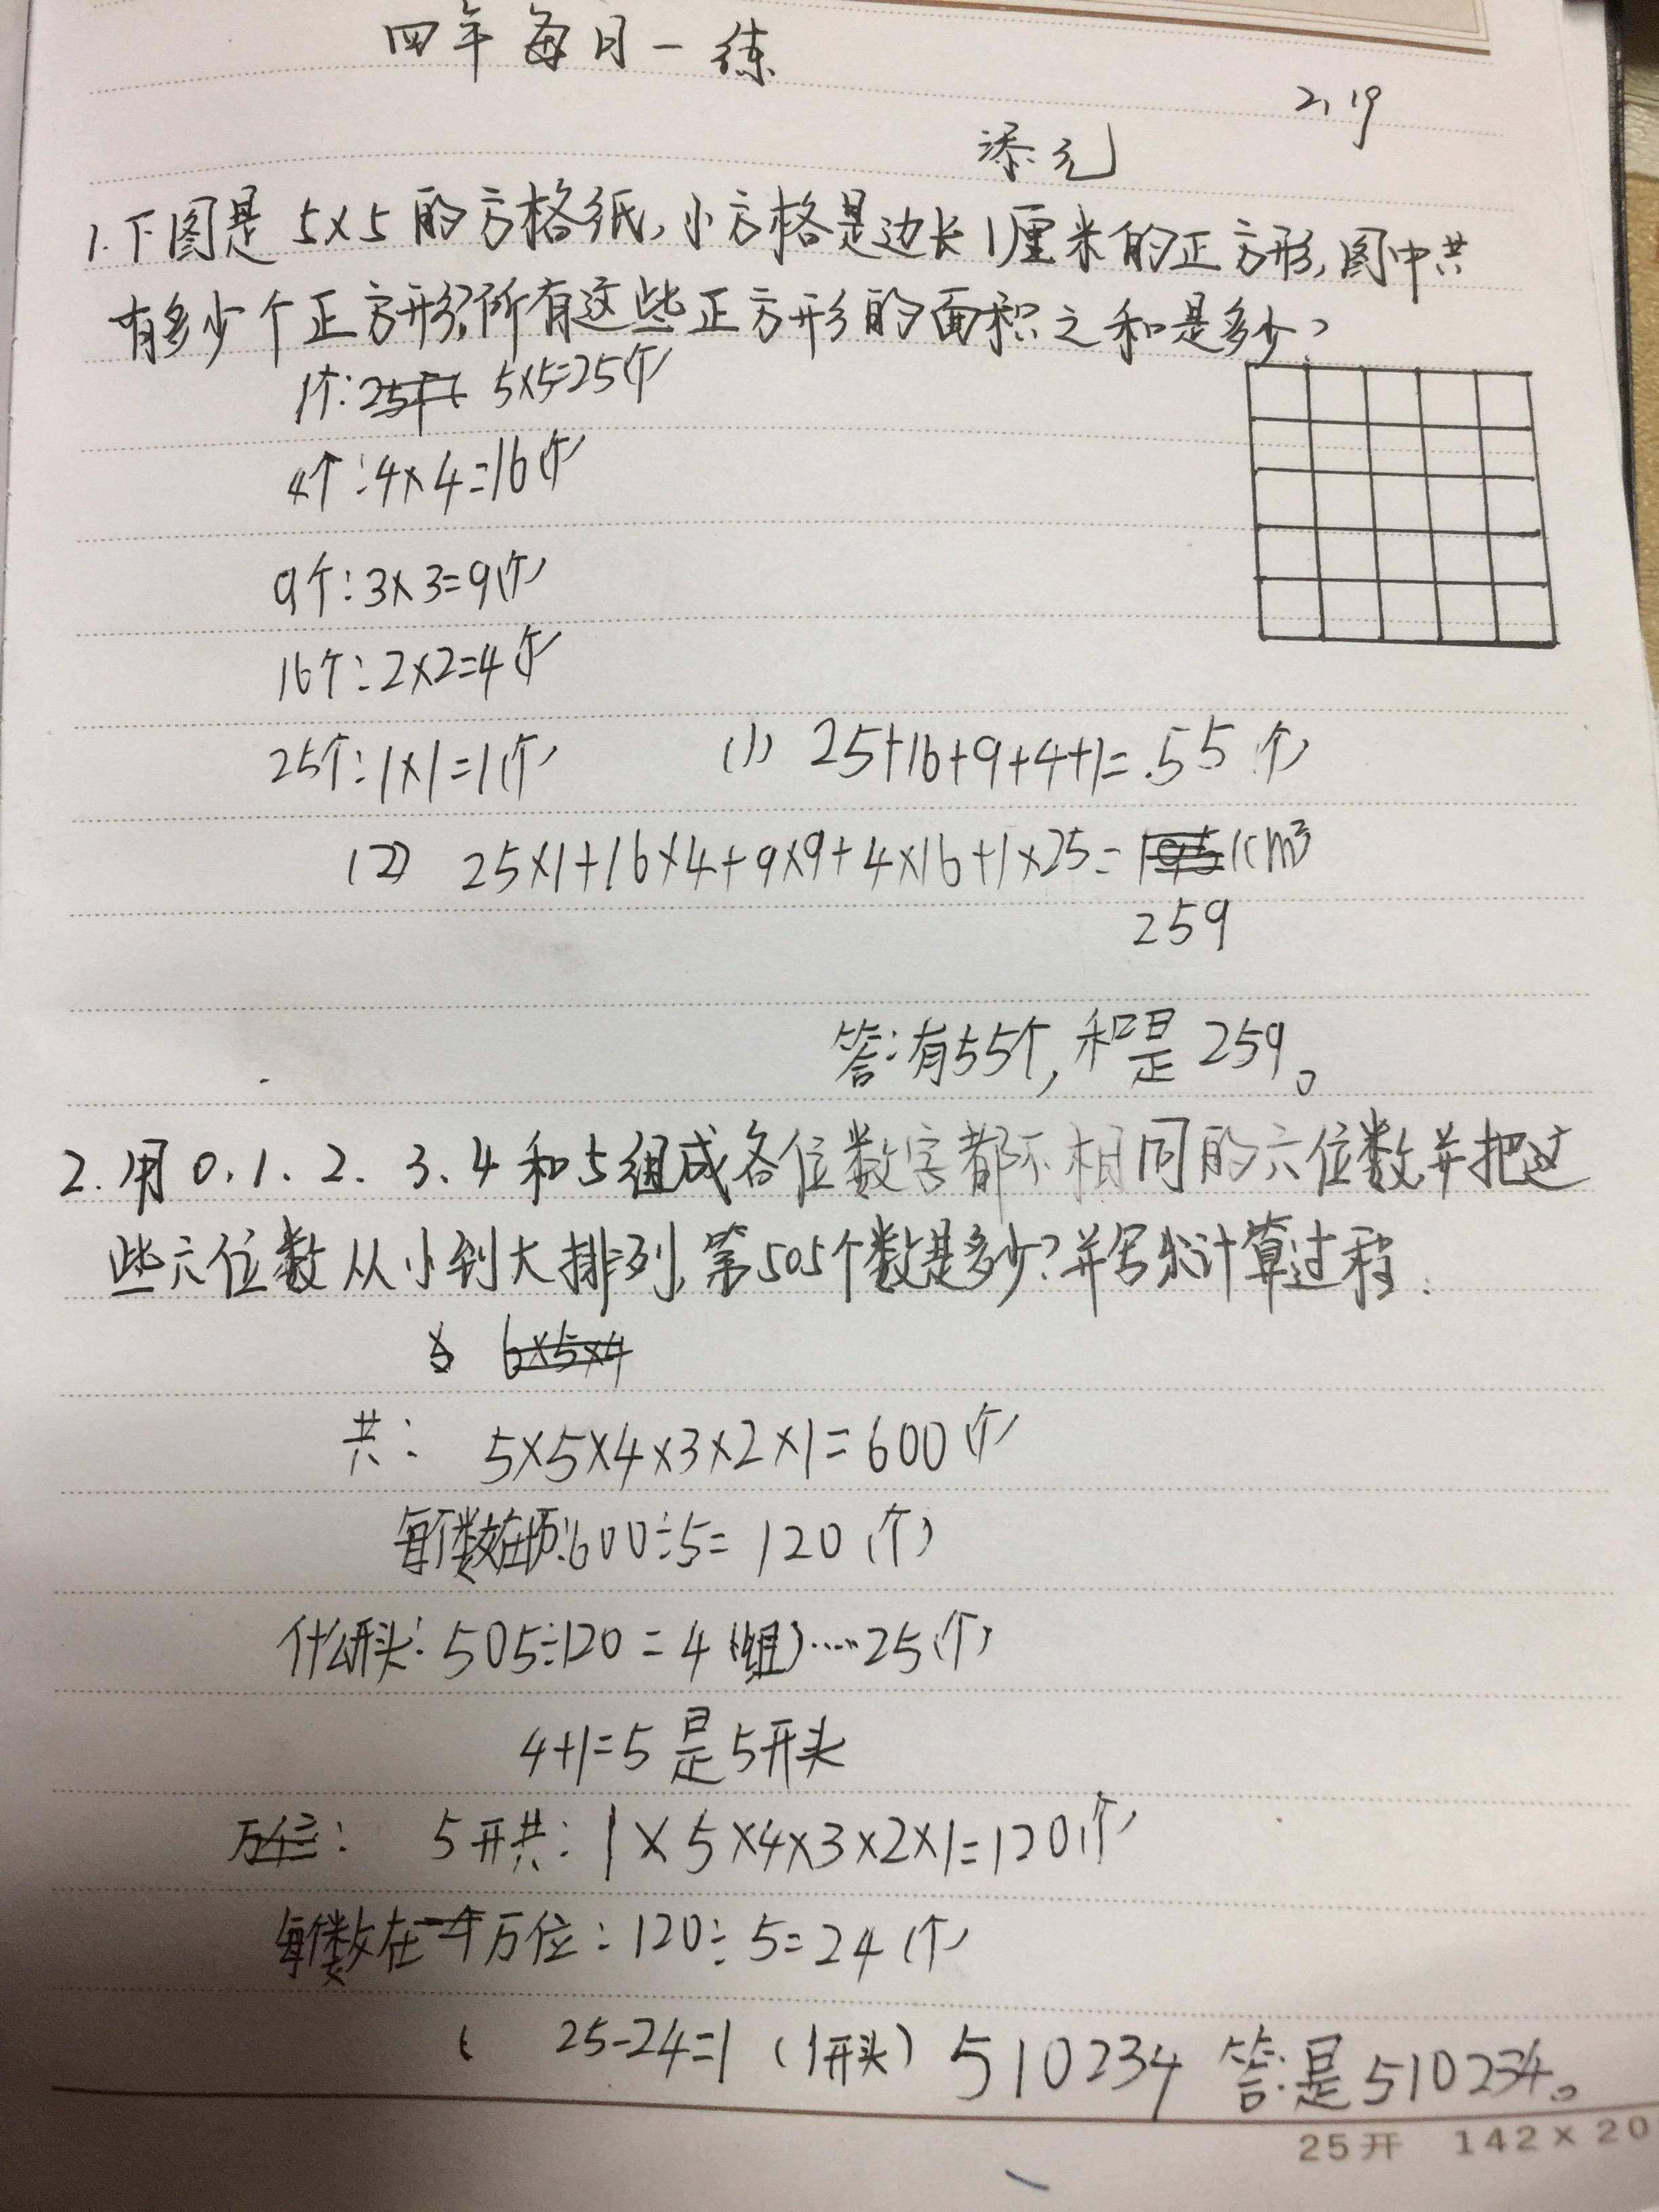 9D4795A5-CF19-4C97-A67C-643D1AD1EA51.jpg